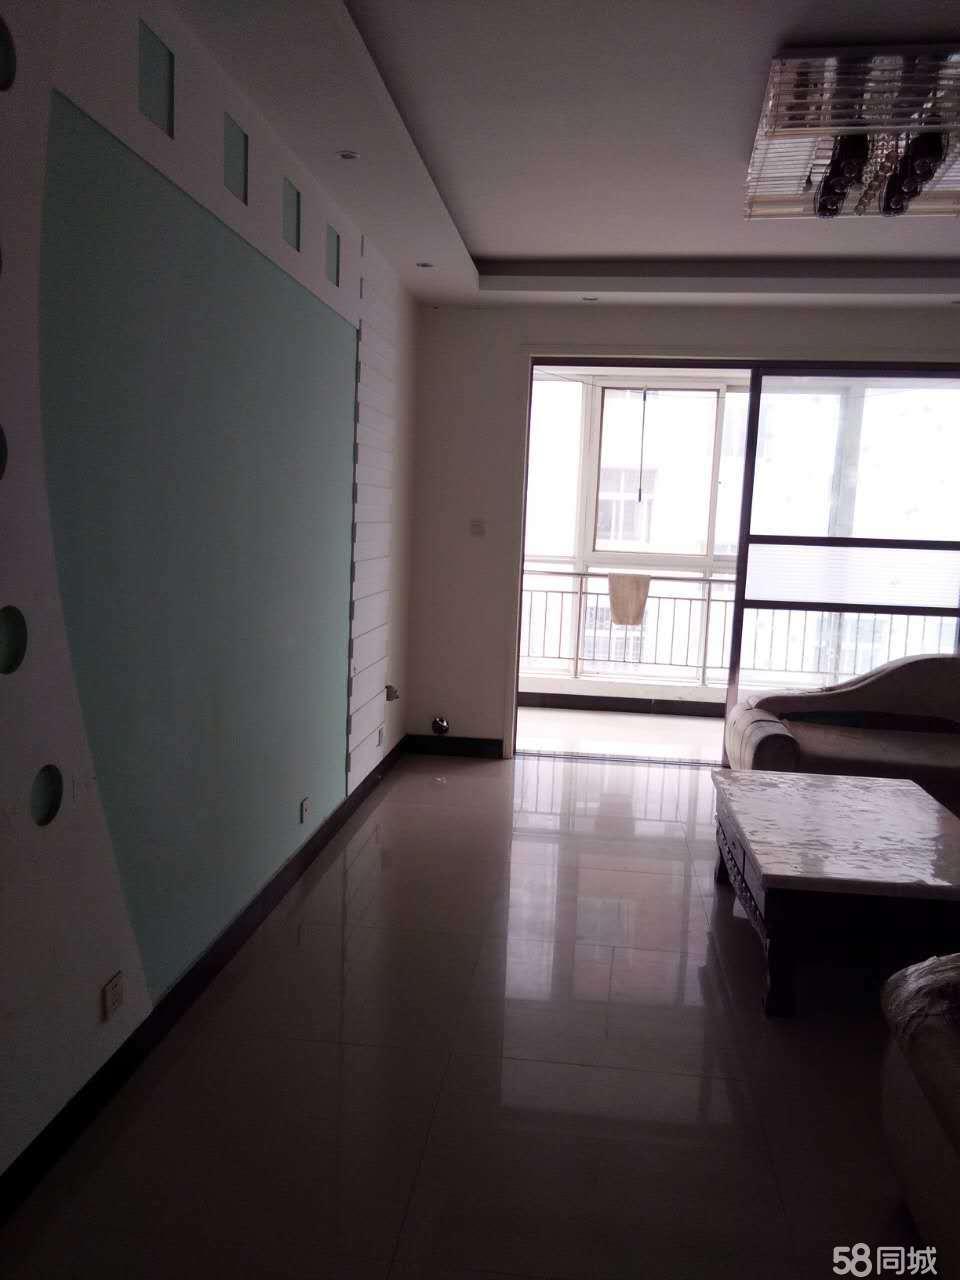 澳门星际官网花样年华2室2厅136平米简单装修年付